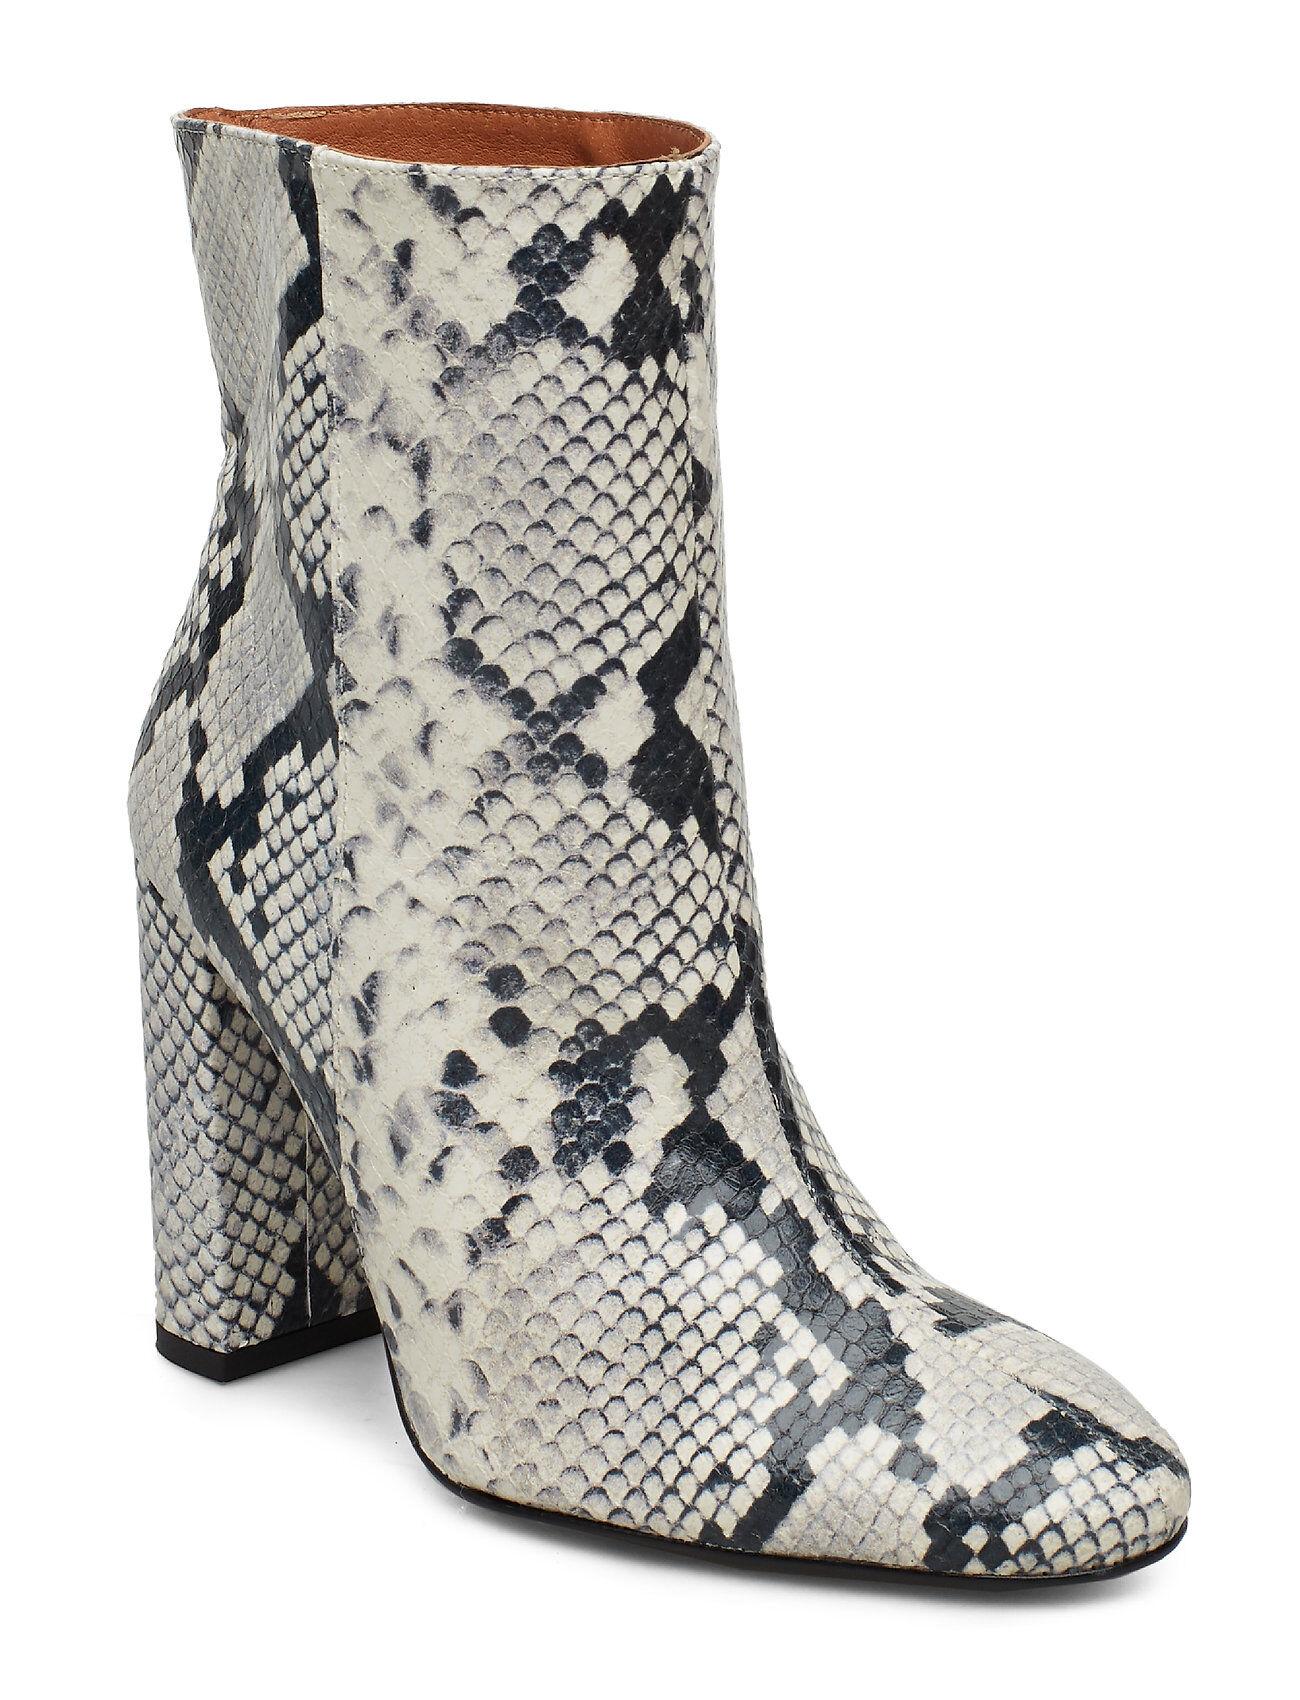 Henry Kole Joan Snake Grey Shoes Boots Ankle Boots Ankle Boots With Heel Valkoinen Henry Kole